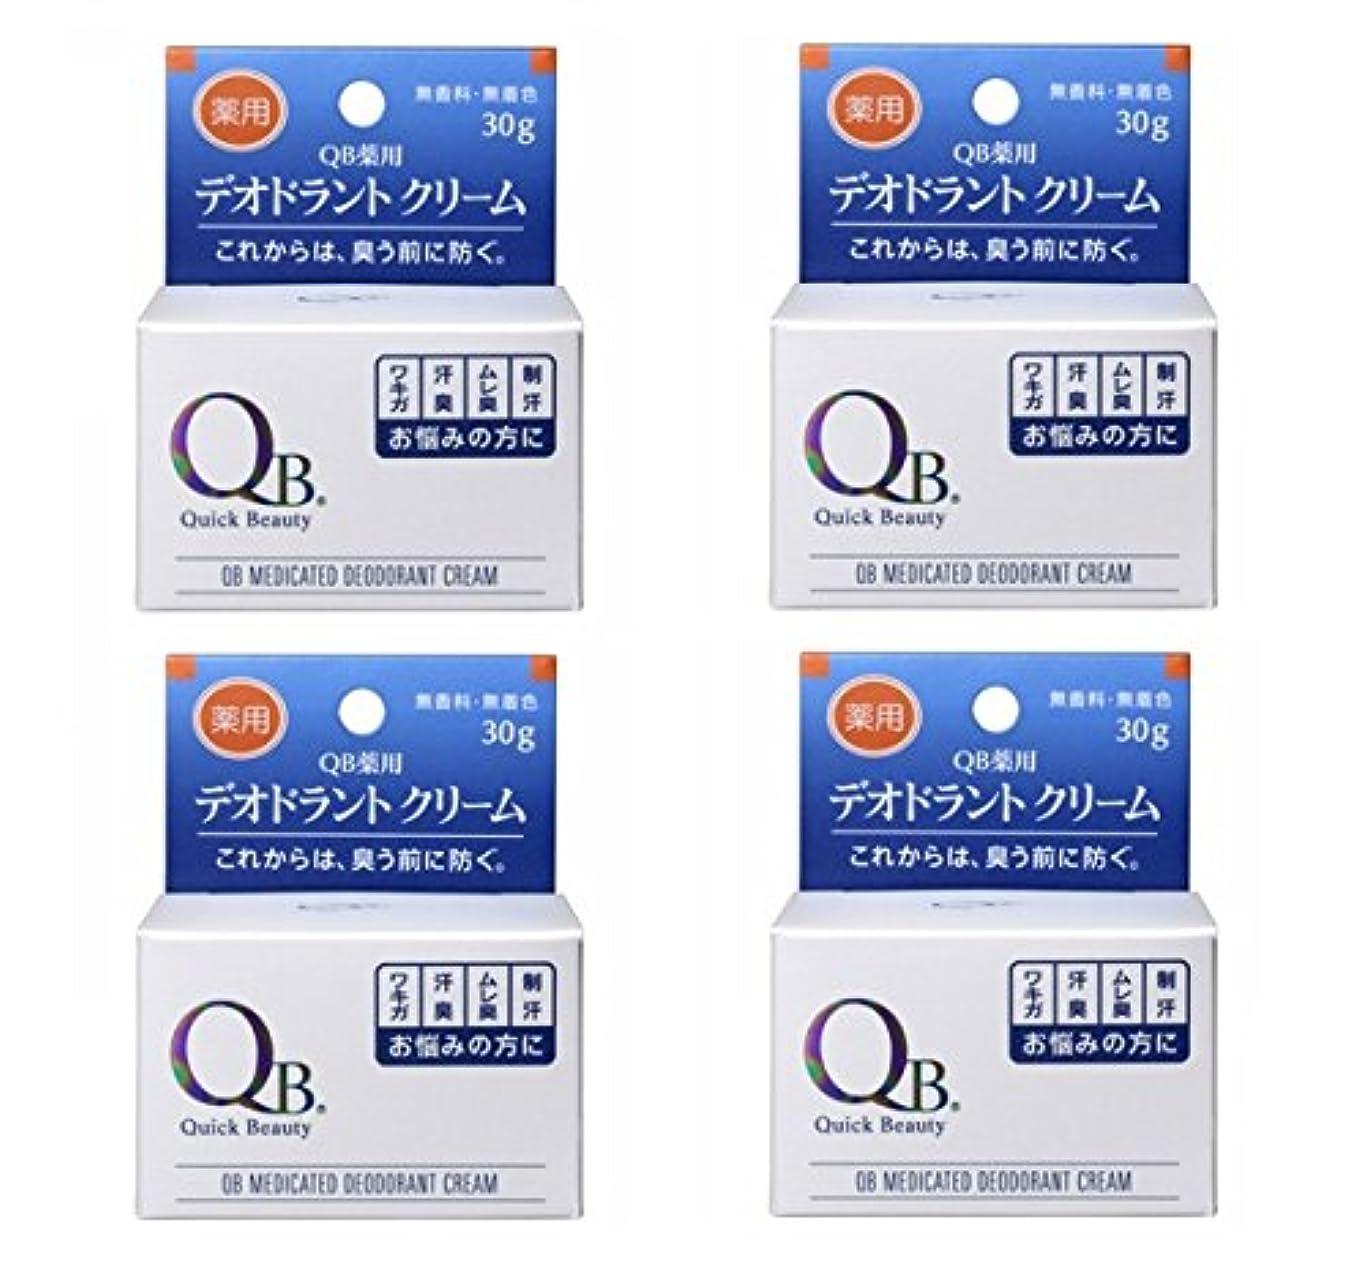 テレビ転倒受け取る【×4個】 QB 薬用デオドラントクリーム 30g 【国内正規品】